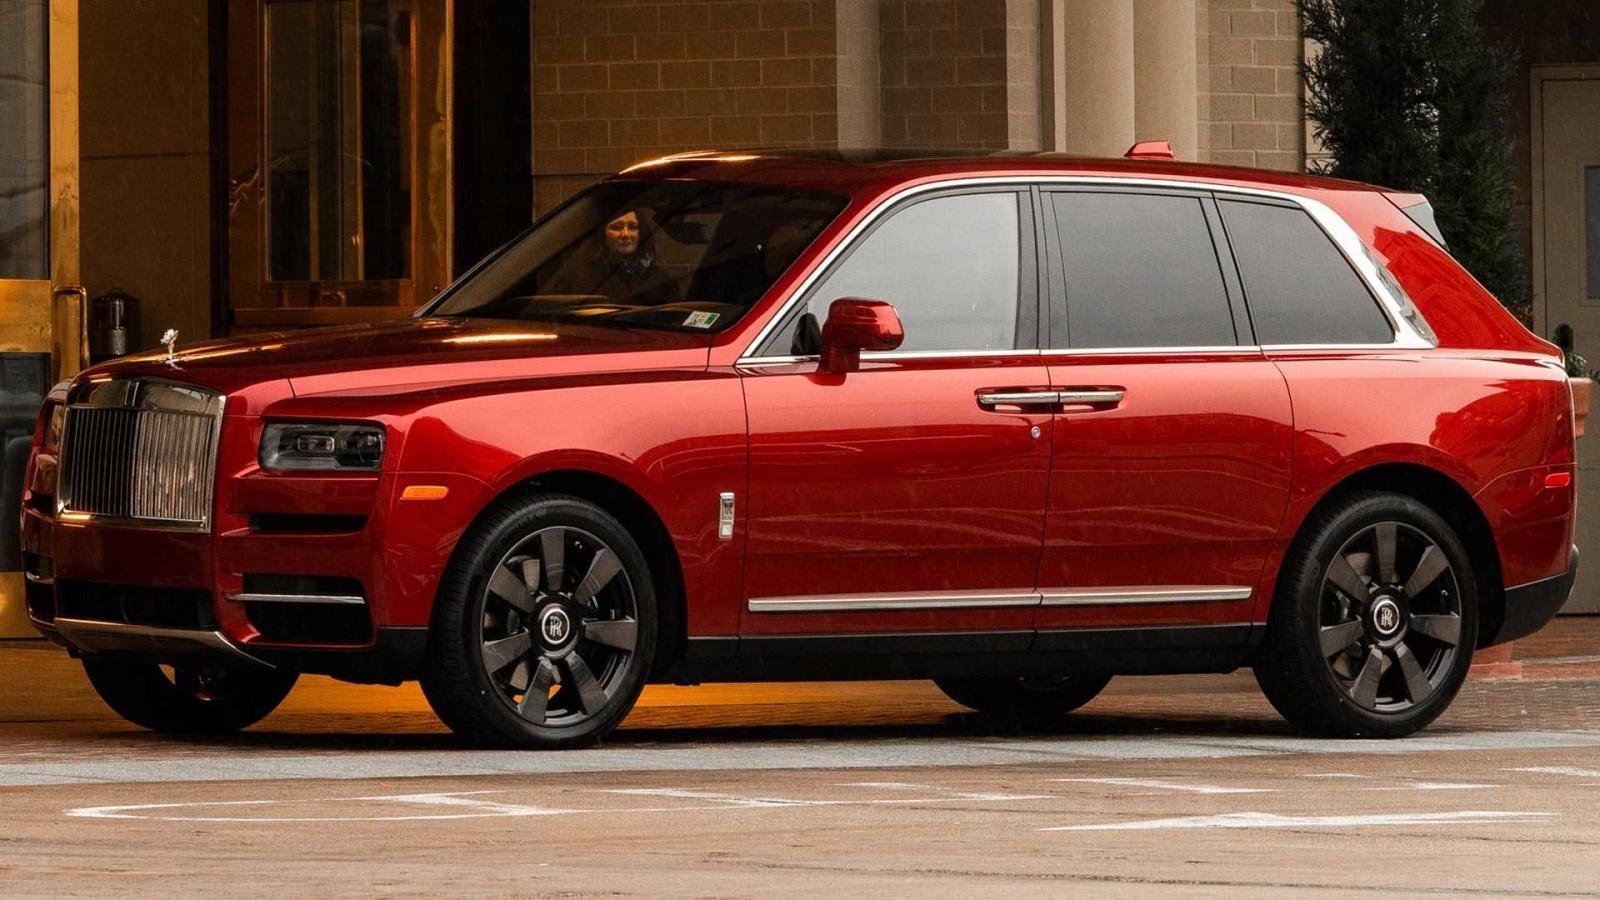 Chiếc Rolls-Royce Cullinan đặc biệt được sơn màu đỏ rực rỡ